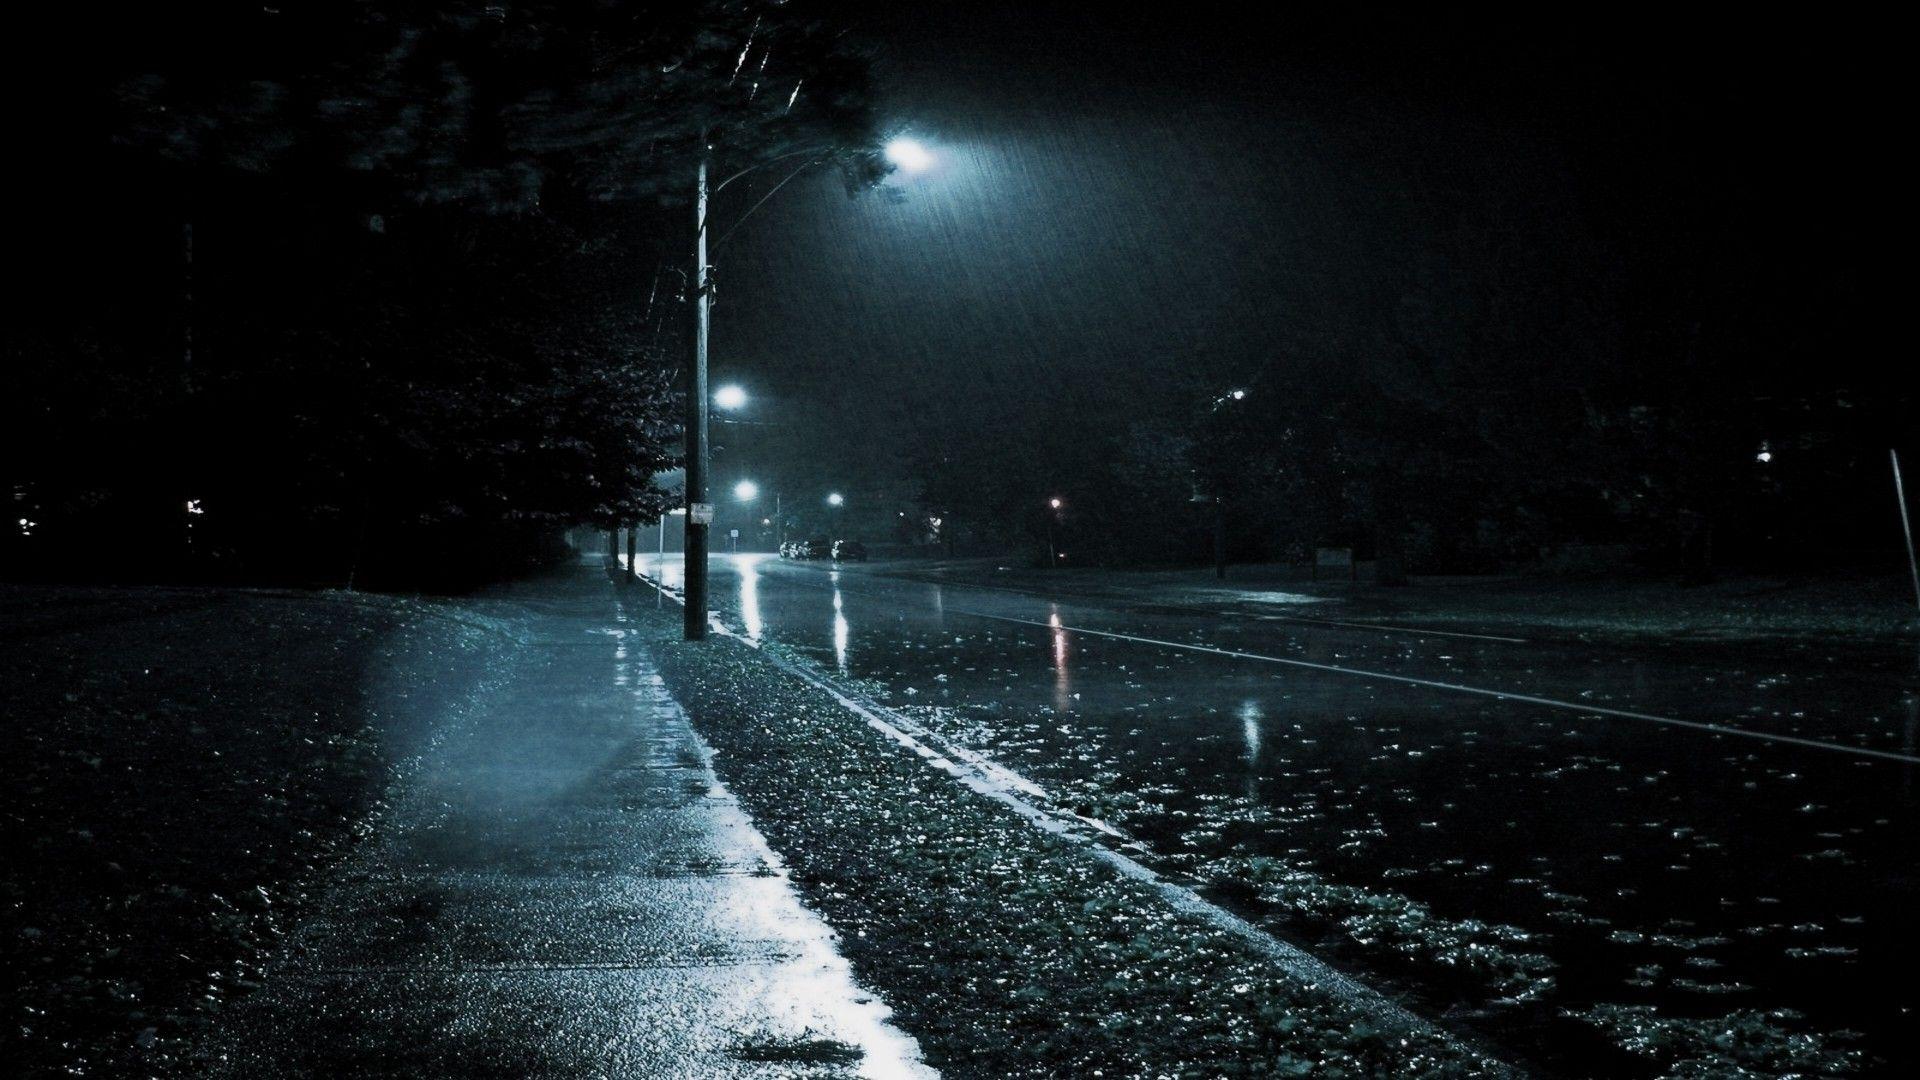 Rain On The Street 1920x1080 Rain Wallpapers Night Rain Rainy Night